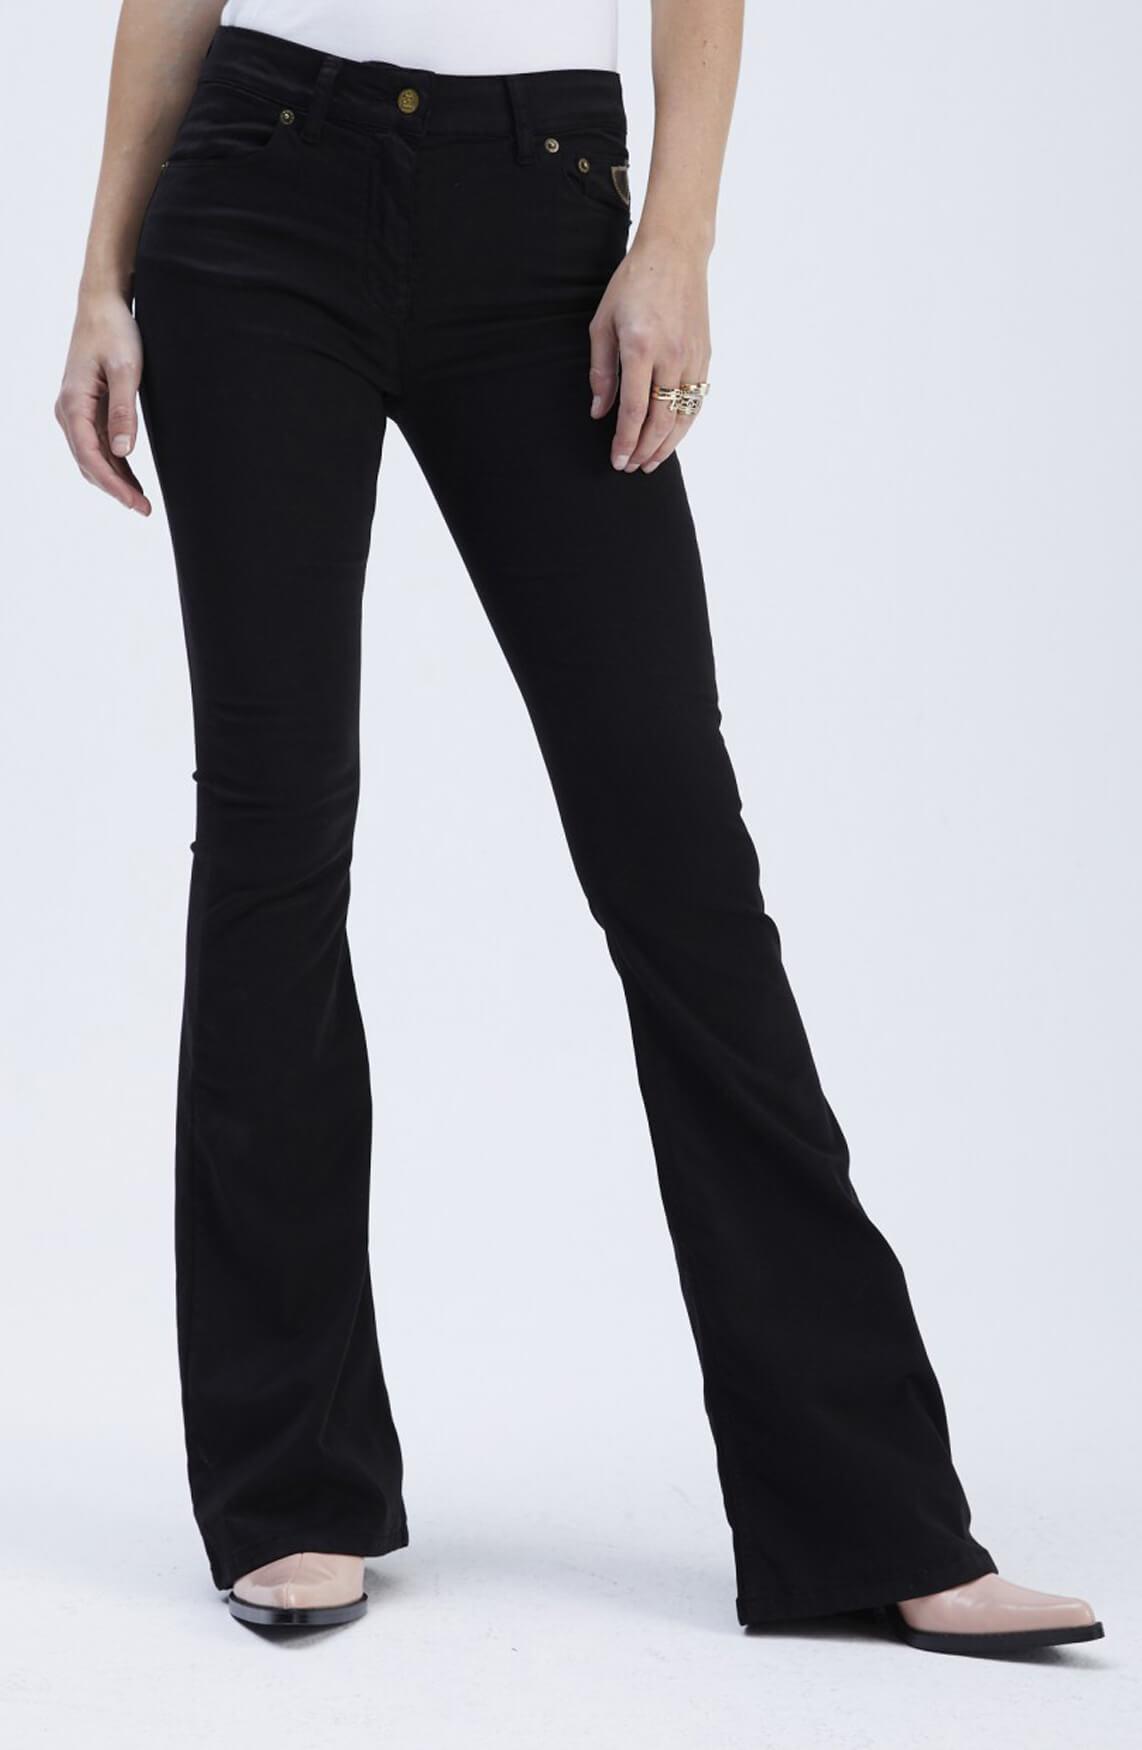 Lois Dames Lea tencel flared broek L34 zwart